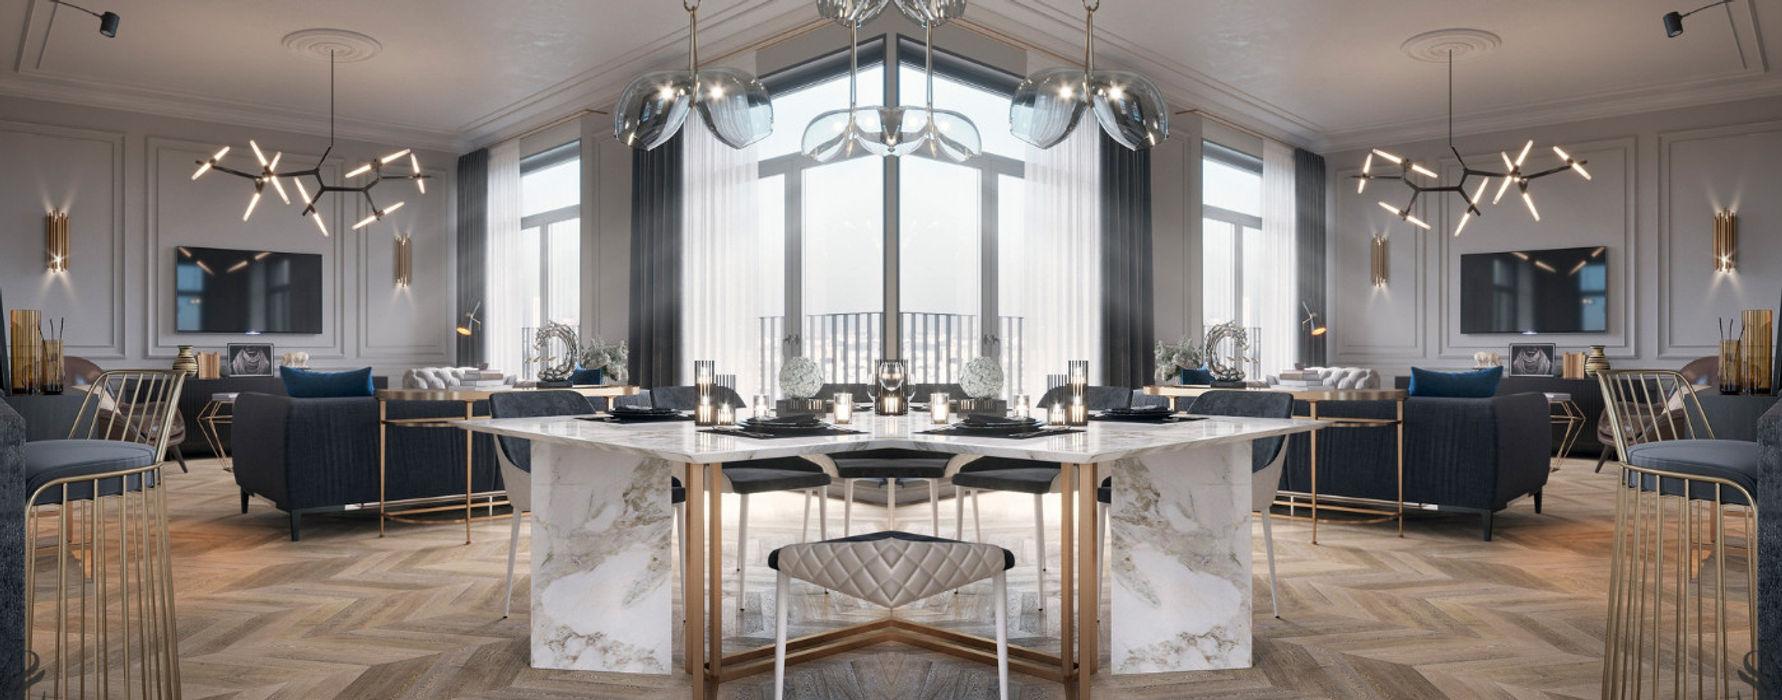 Apartamento em Moscovo em estilo neoclássico DelightFULL Salas de estar modernas